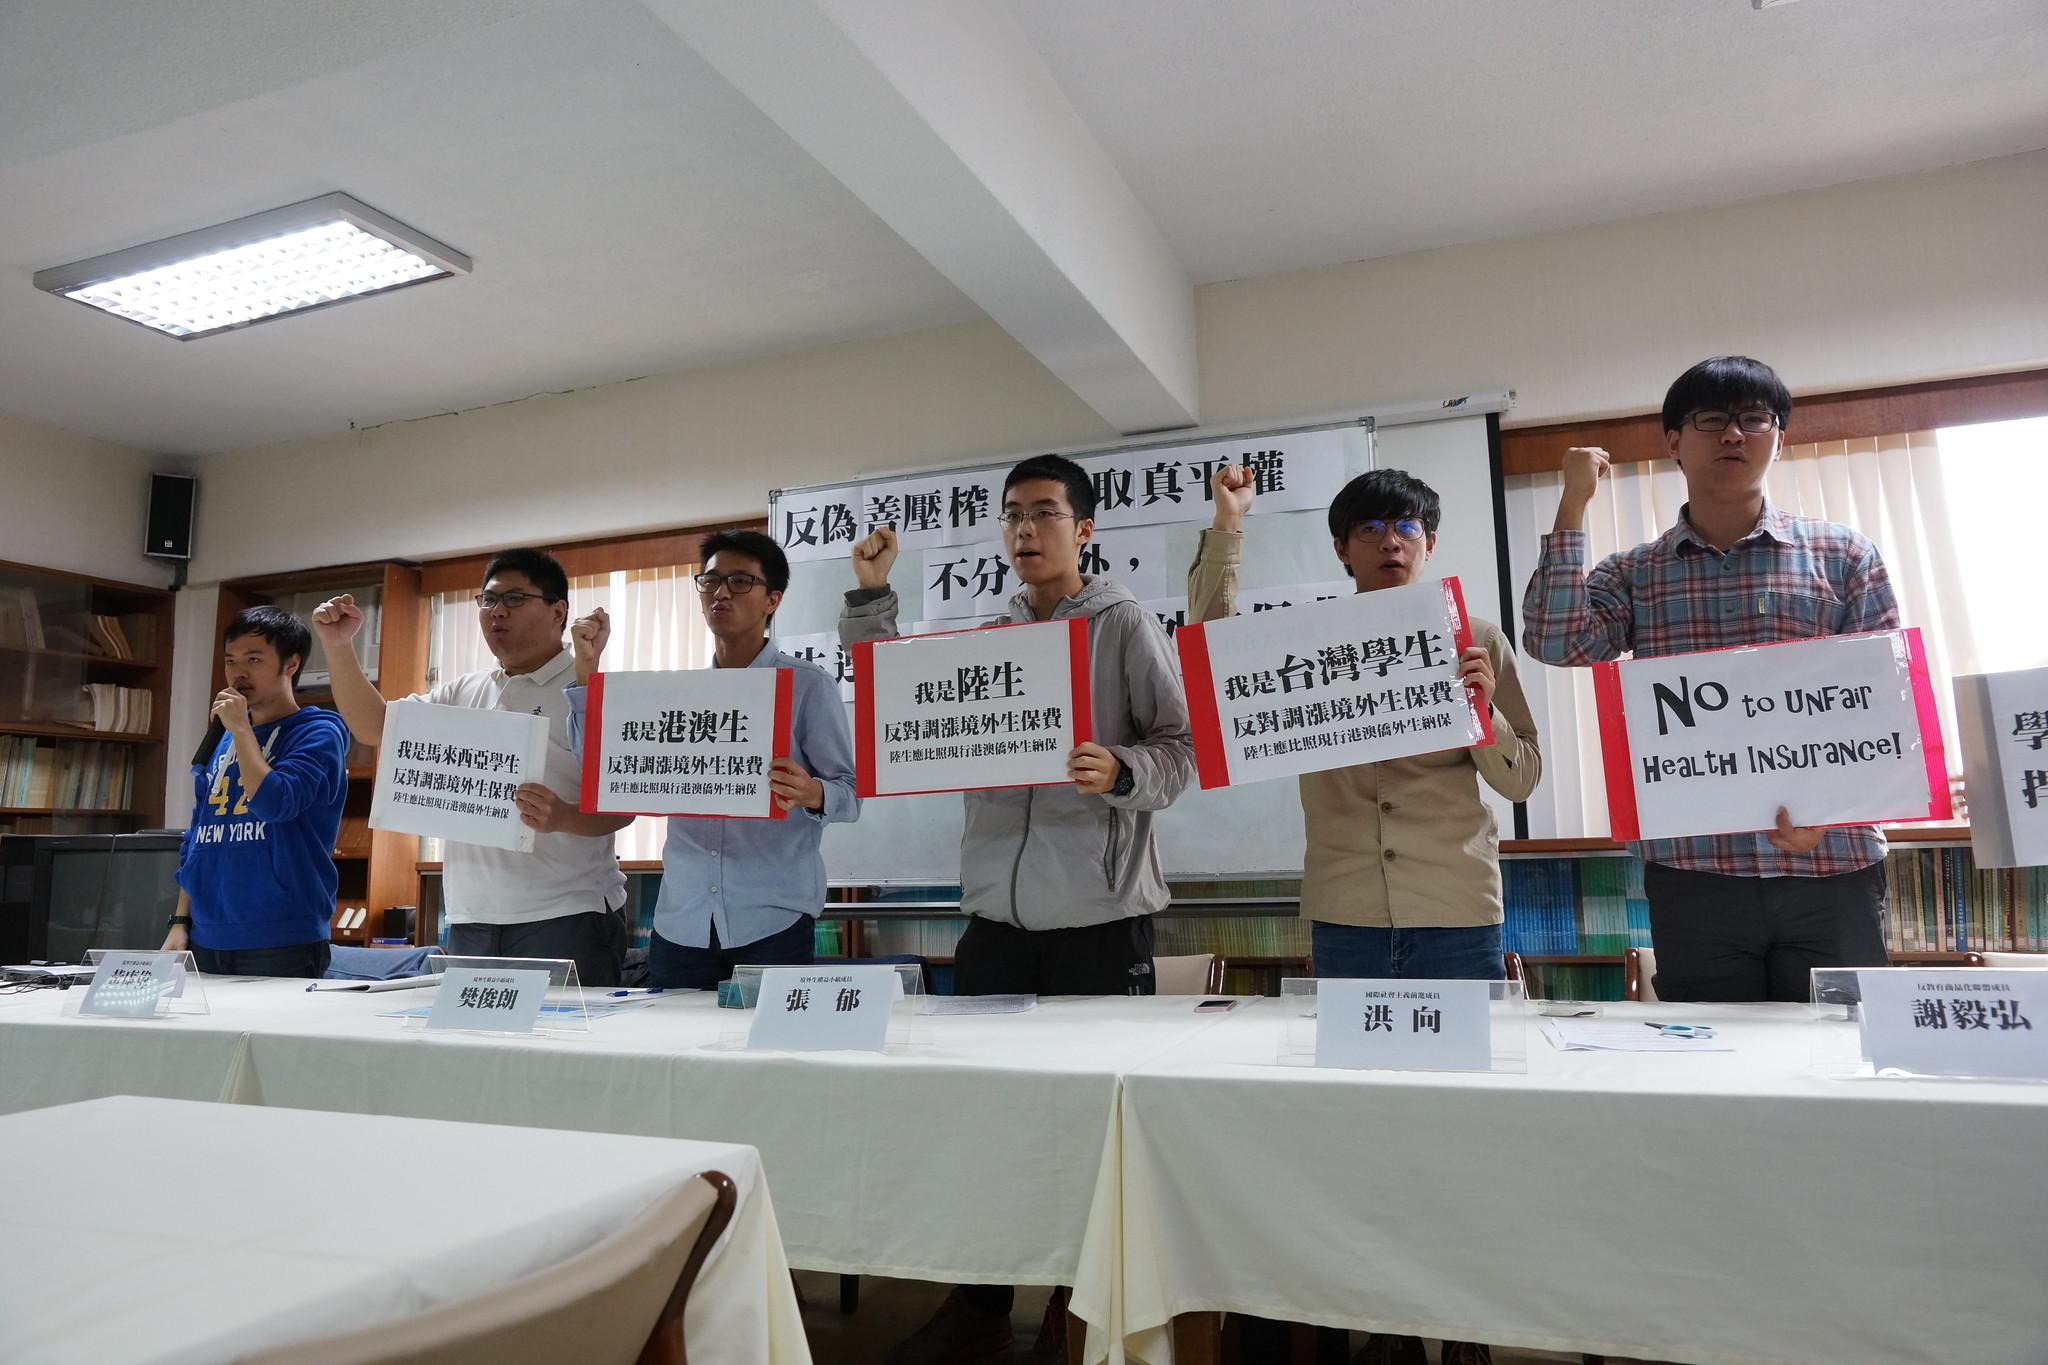 境外生權益小組結合各地境外生,共同反對調漲健保保費負擔。(攝影:王顥中)